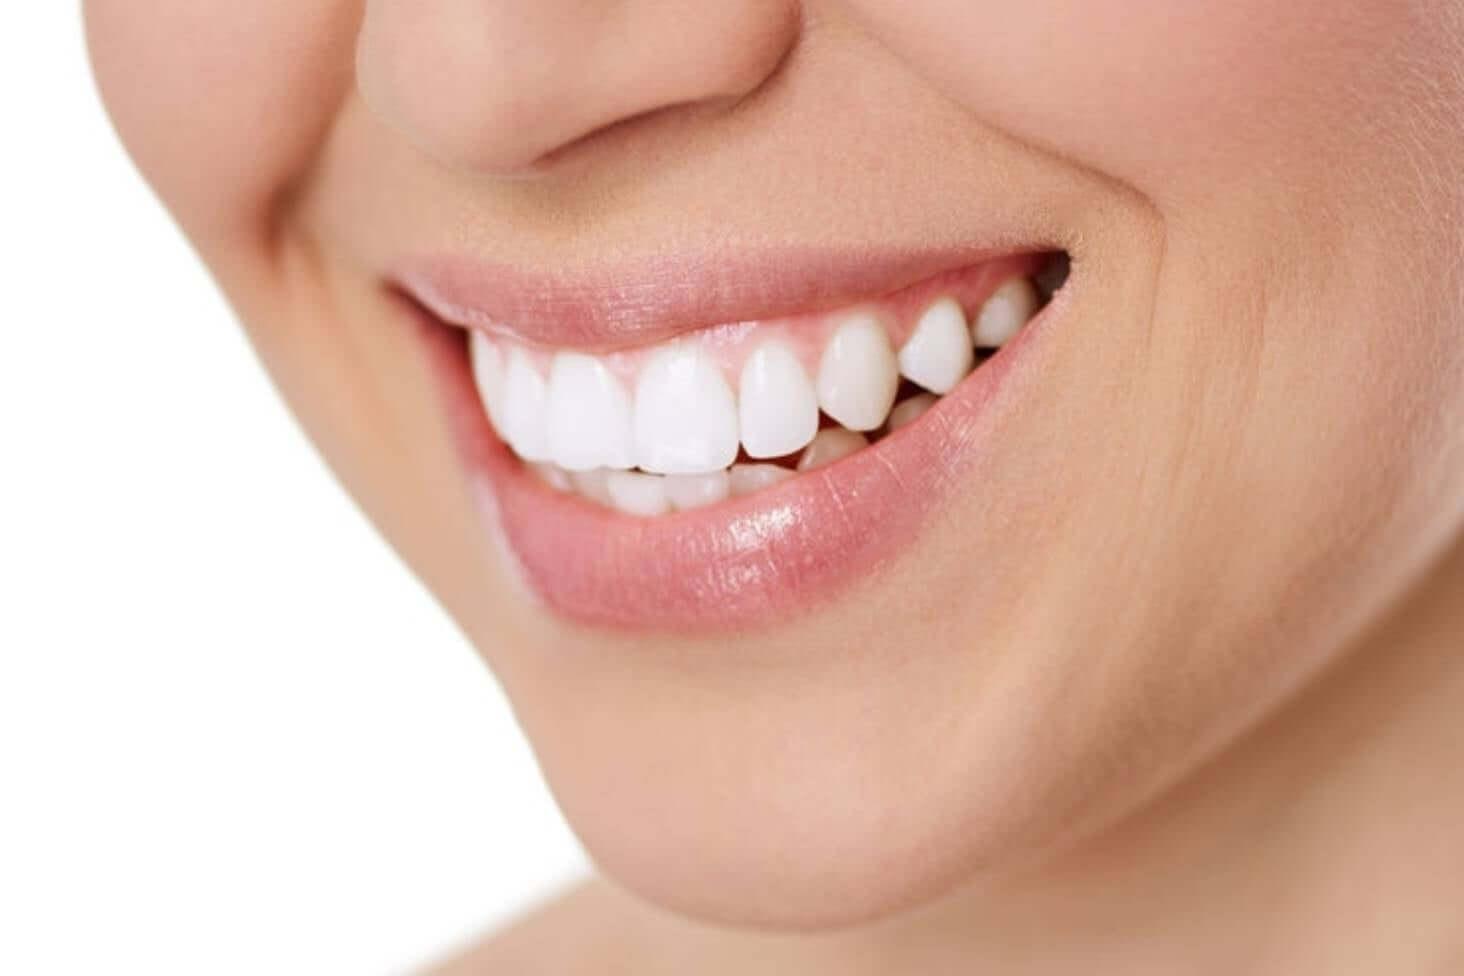 طريقة مضمونة لتبييض الاسنان دون تكاليف باهظة أسنان كير كوم